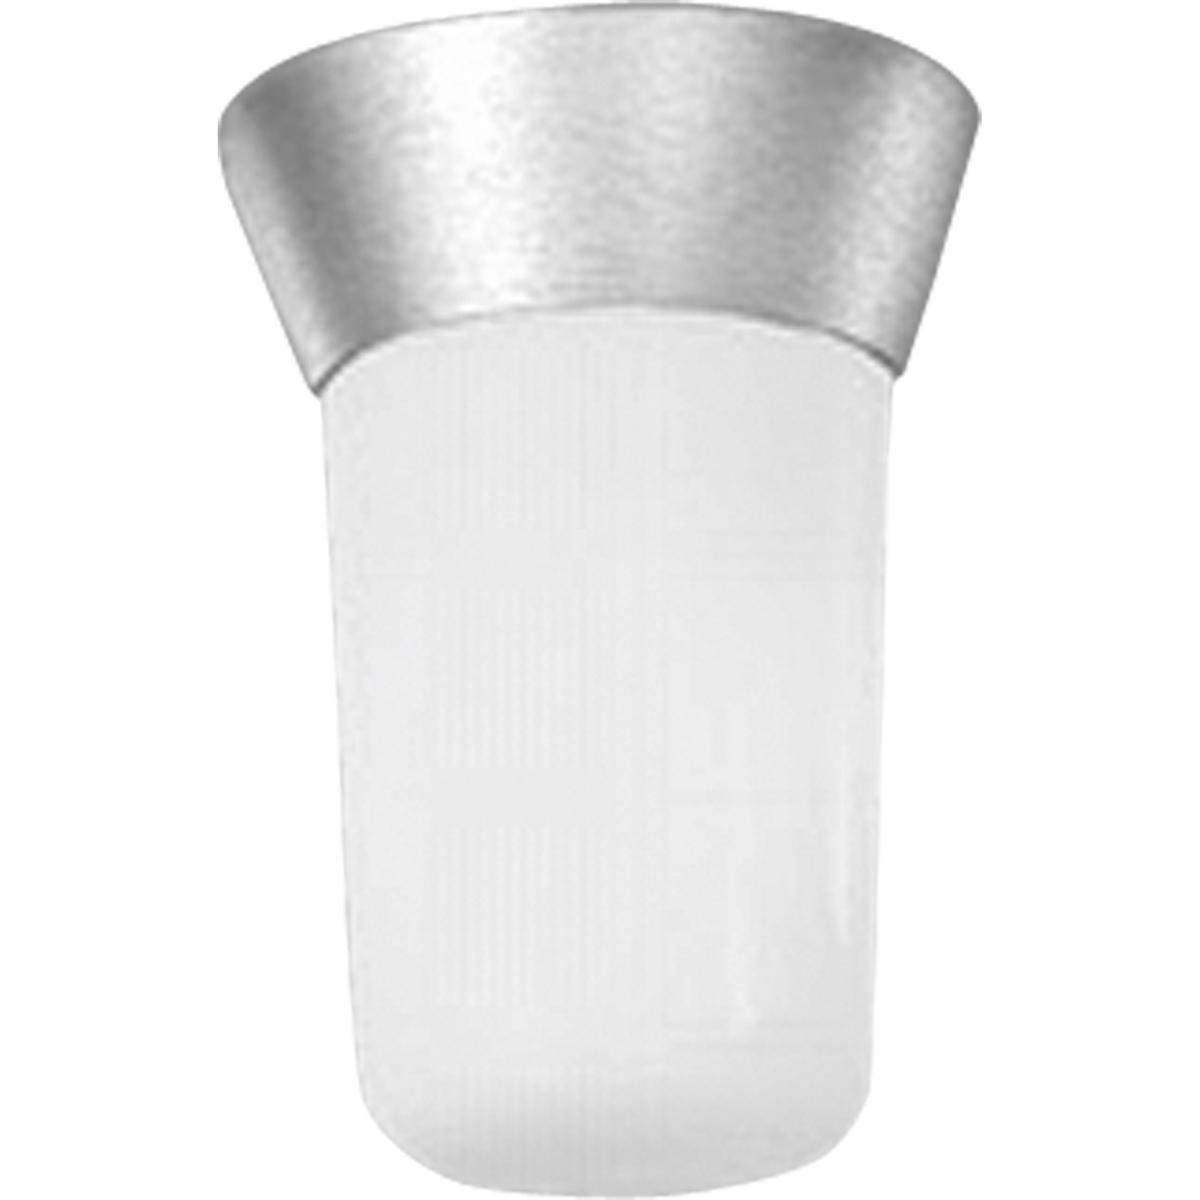 PRO P5510-16 One Light Satin Aluminum White Opal Glass Flush Mount 1X60M * RED TAG ITEM *